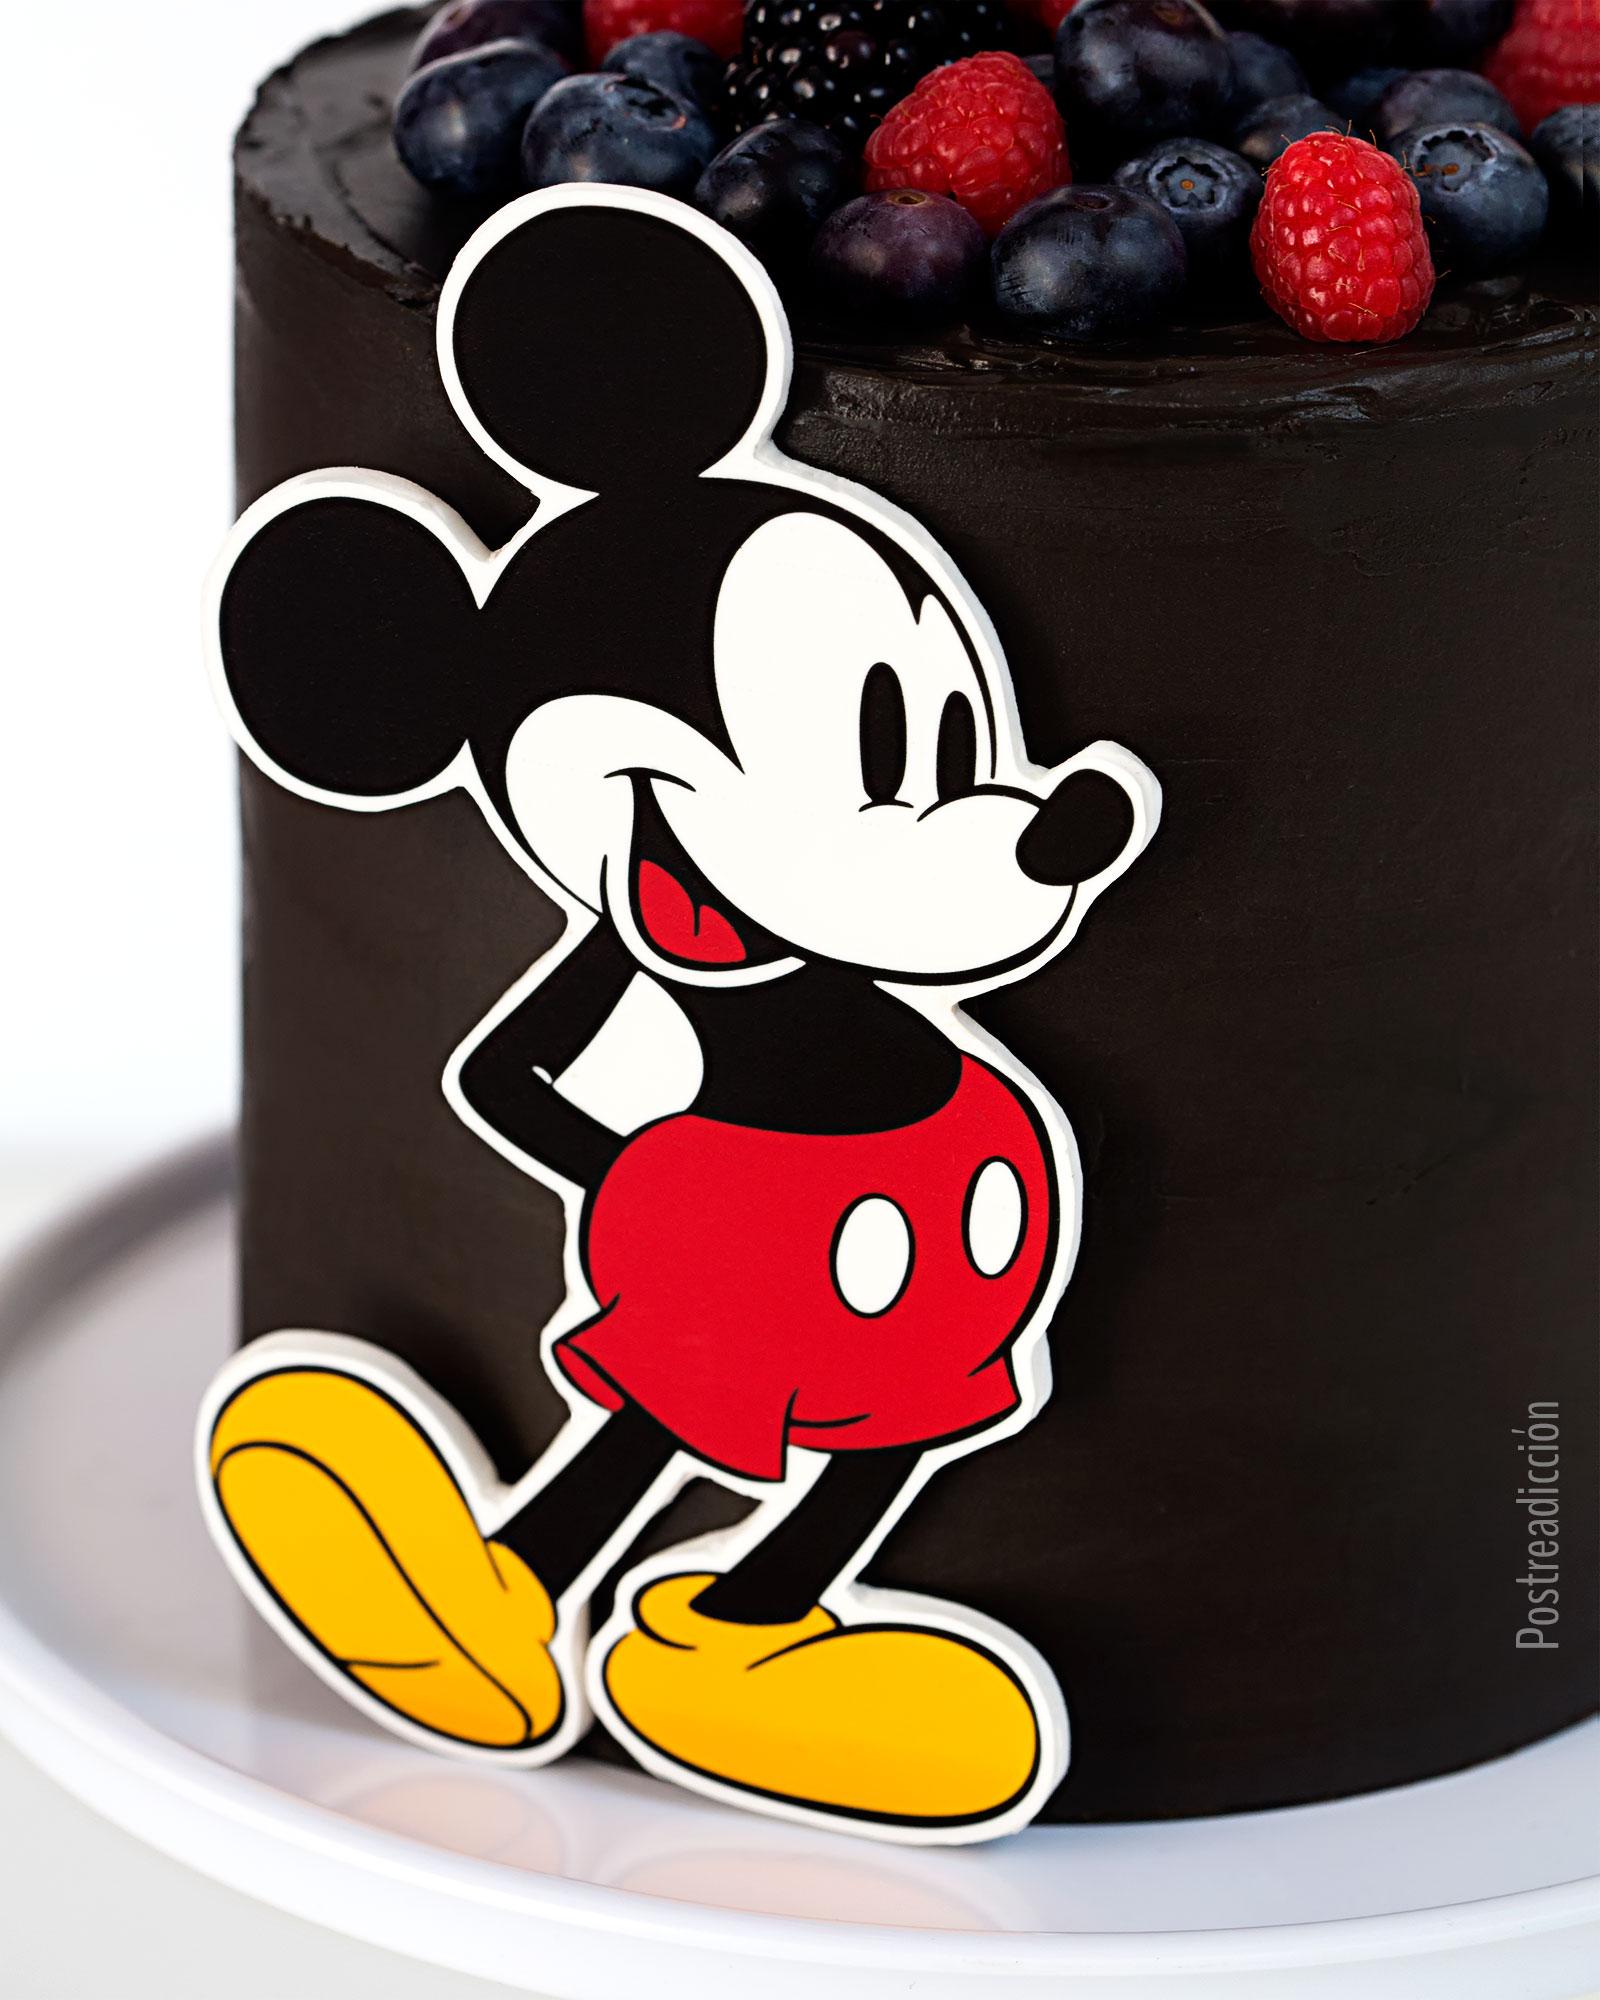 Imagen de producto: https://tienda.postreadiccion.com/img/articulos/secundarias13374-modelo-no-1725-mickey-vintage-para-tarta-3.jpg